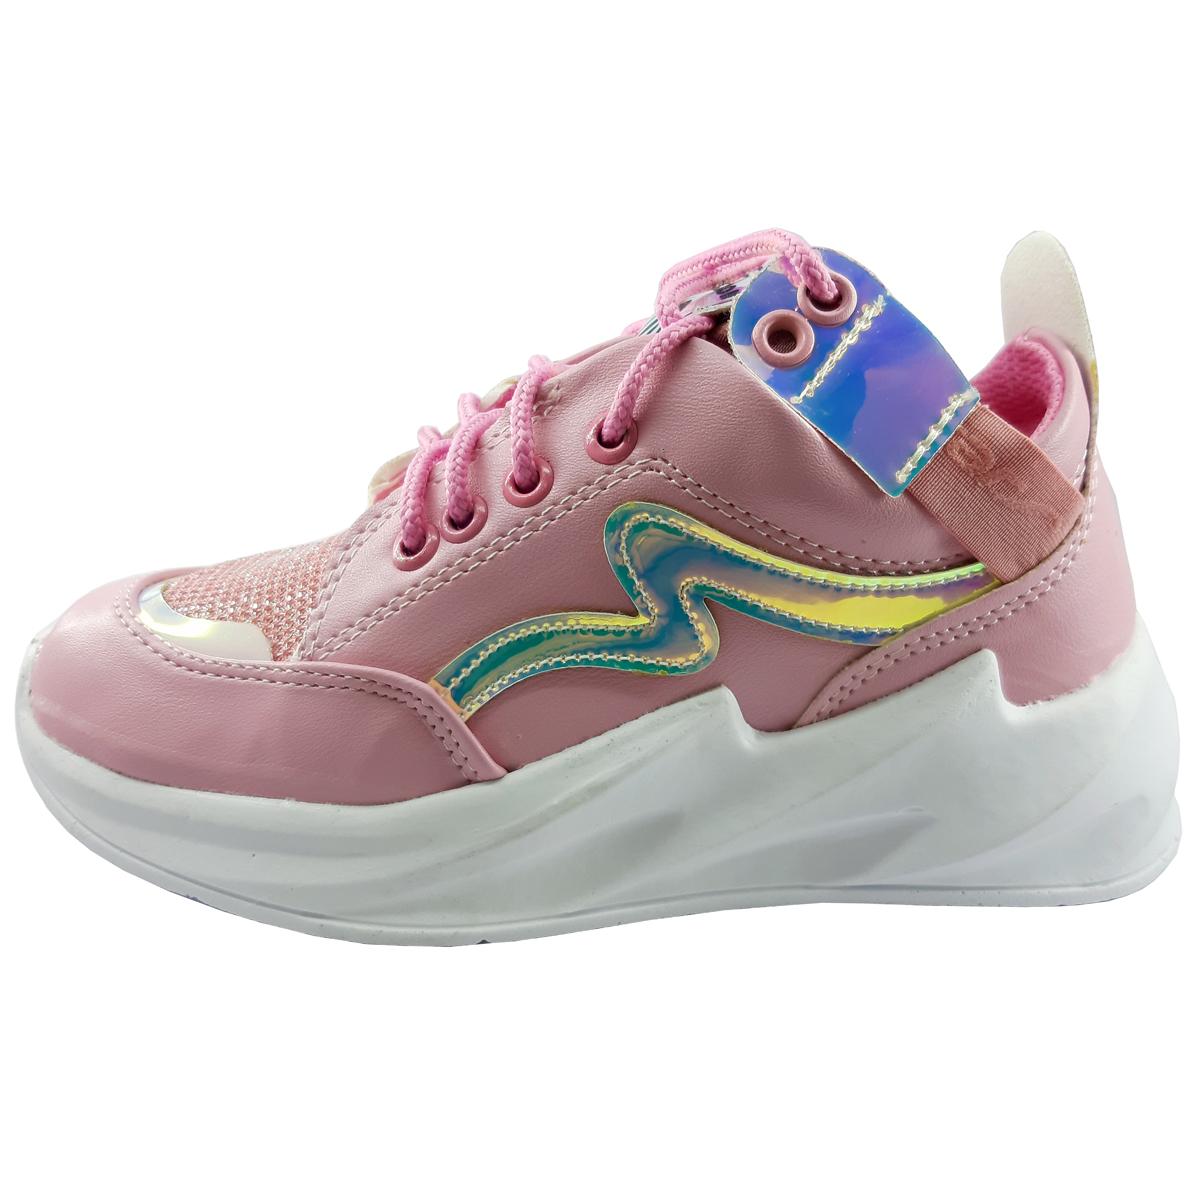 کفش مخصوص پیاده روی دخترانه کد Moj-01